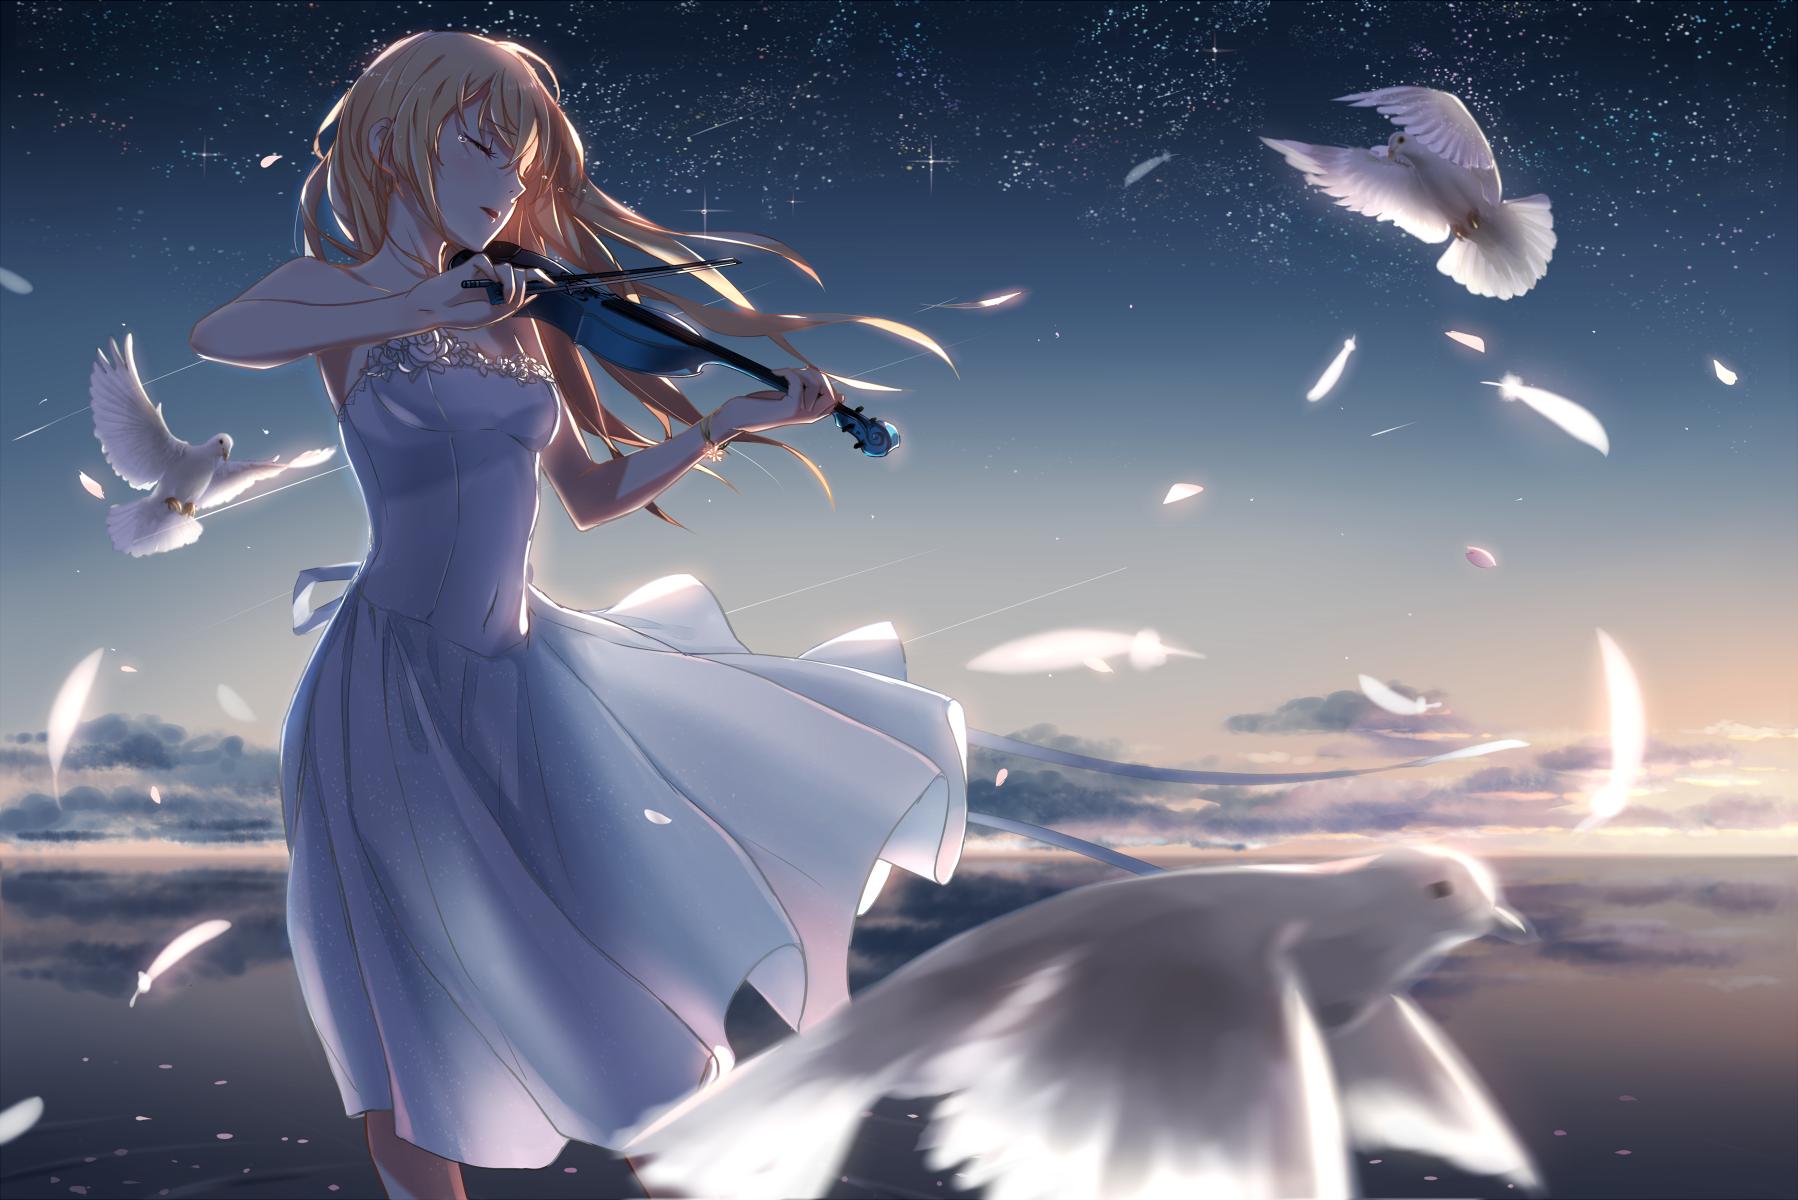 Shigatsu Wa Kimi No Uso Myazono Kaori Violin Shigatsu Wa Kimi No